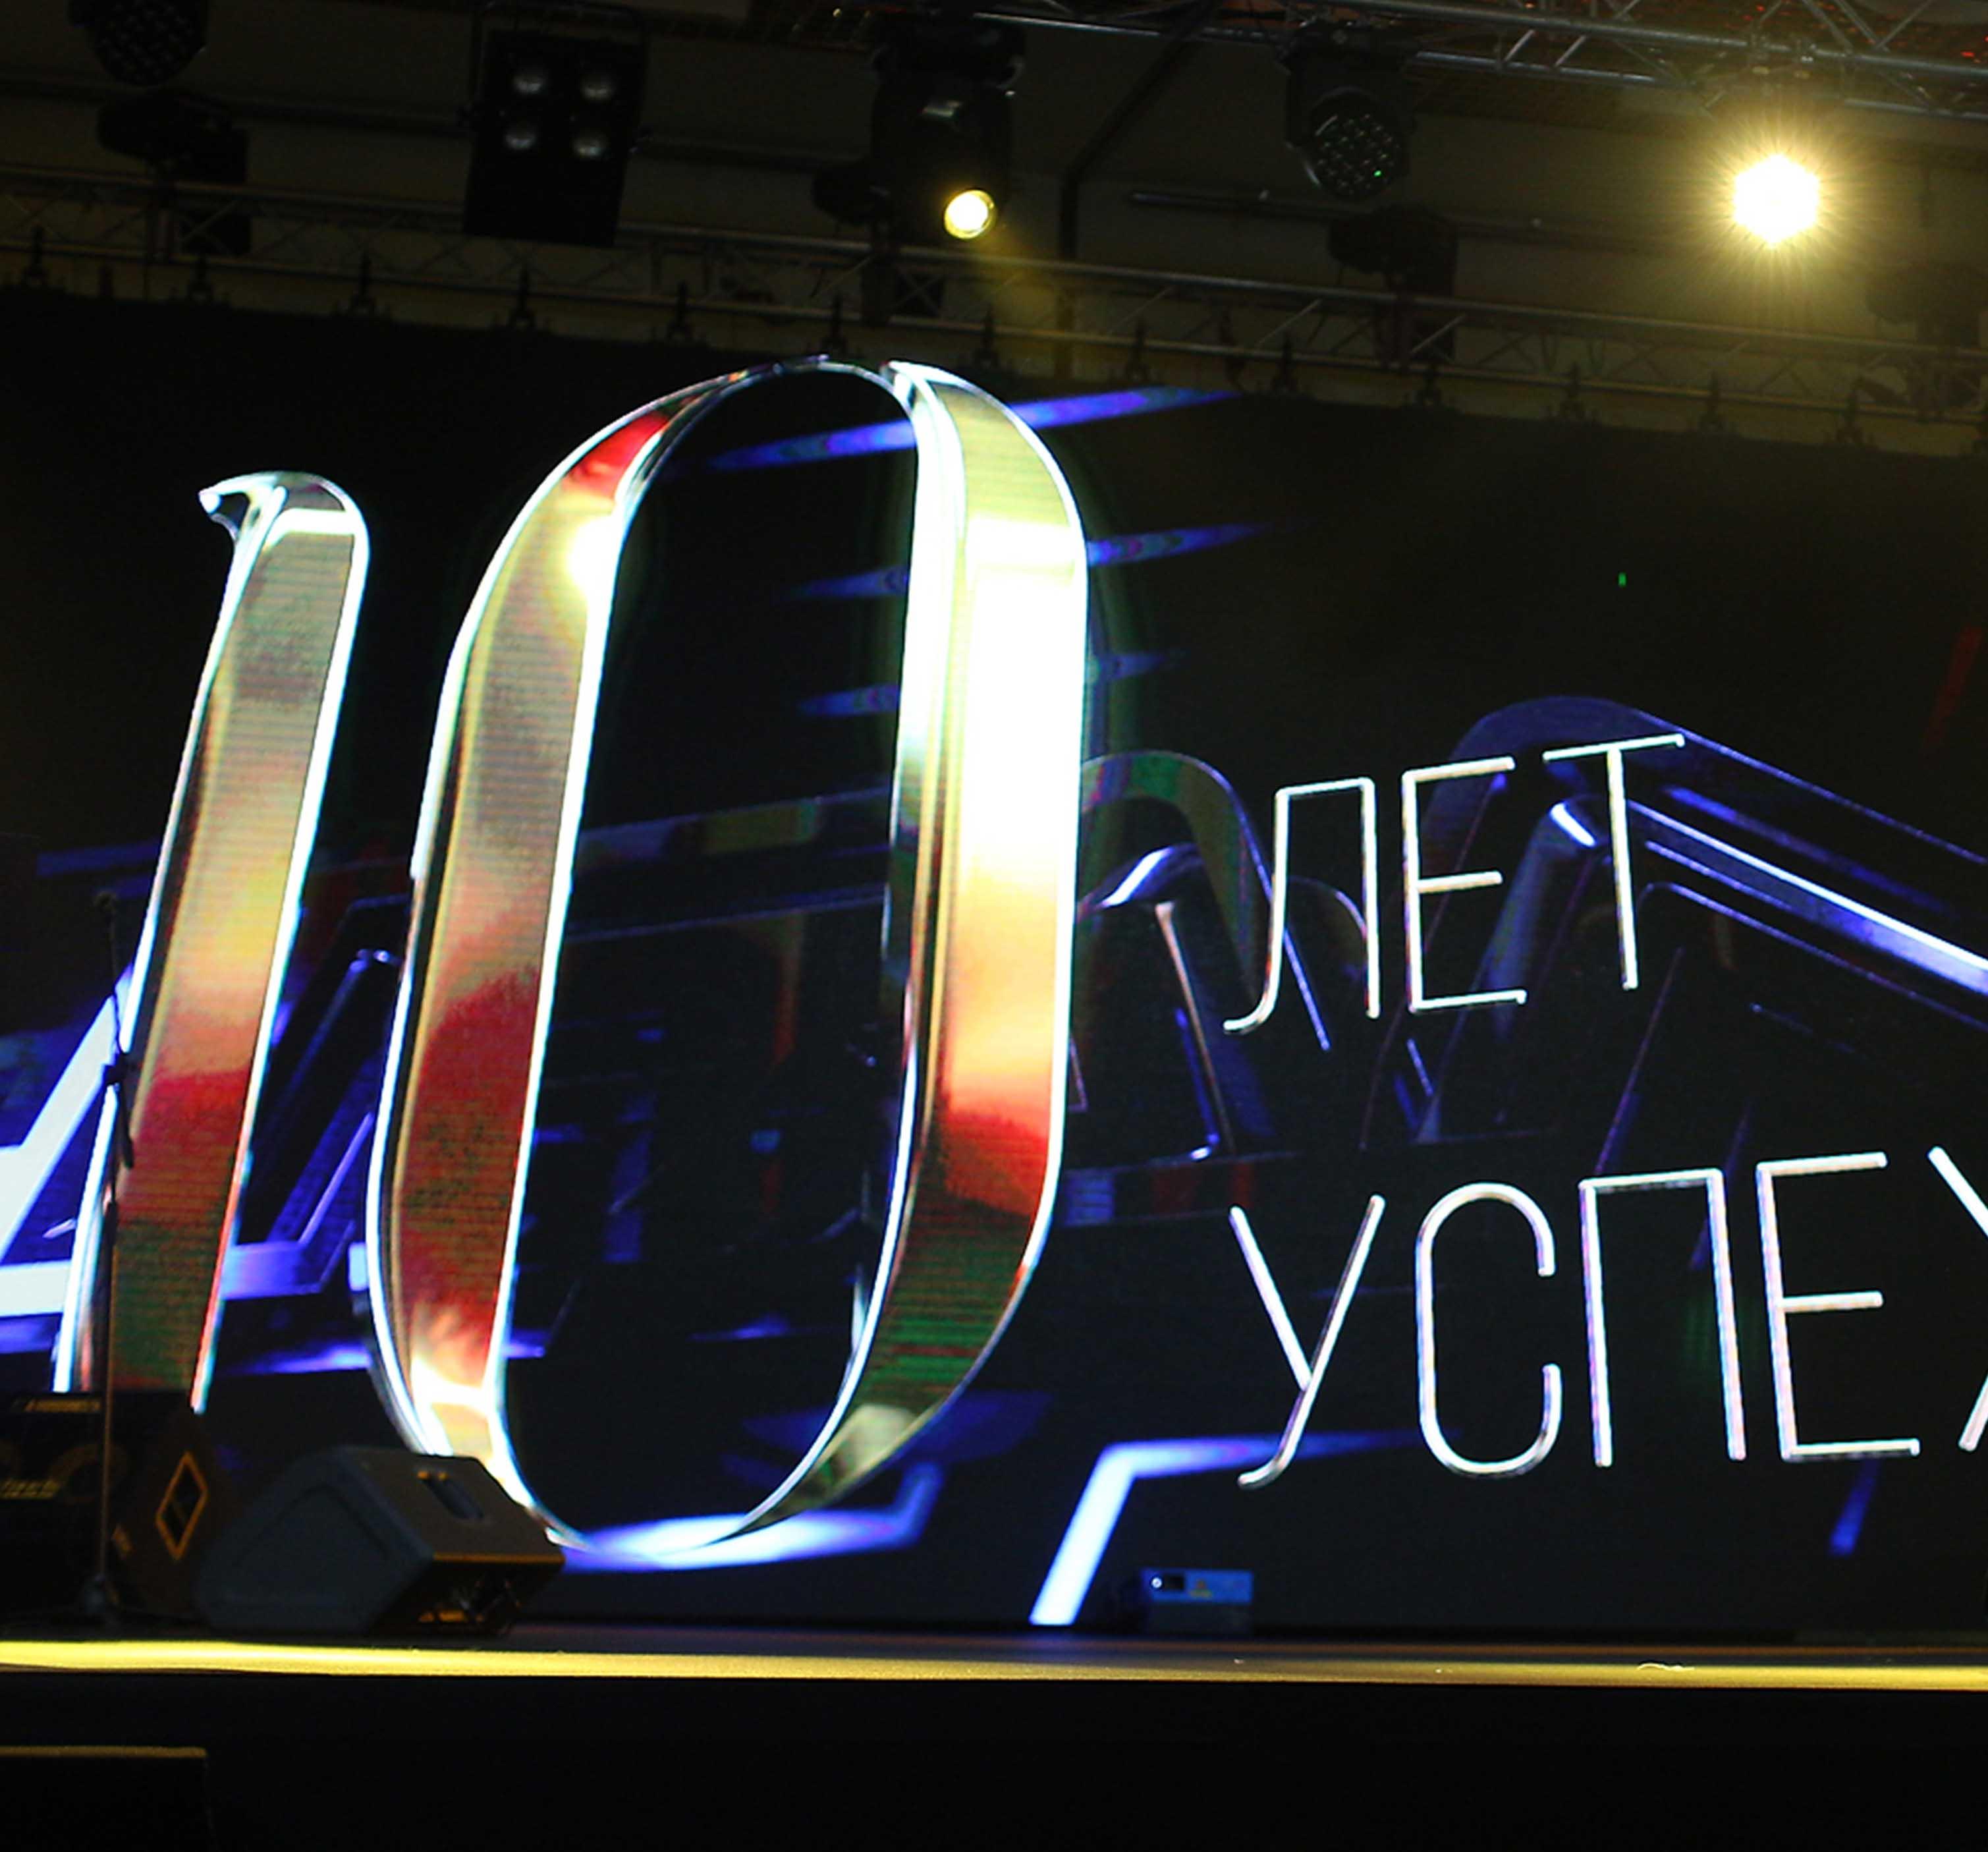 2017年力帆俄罗斯十周年庆典